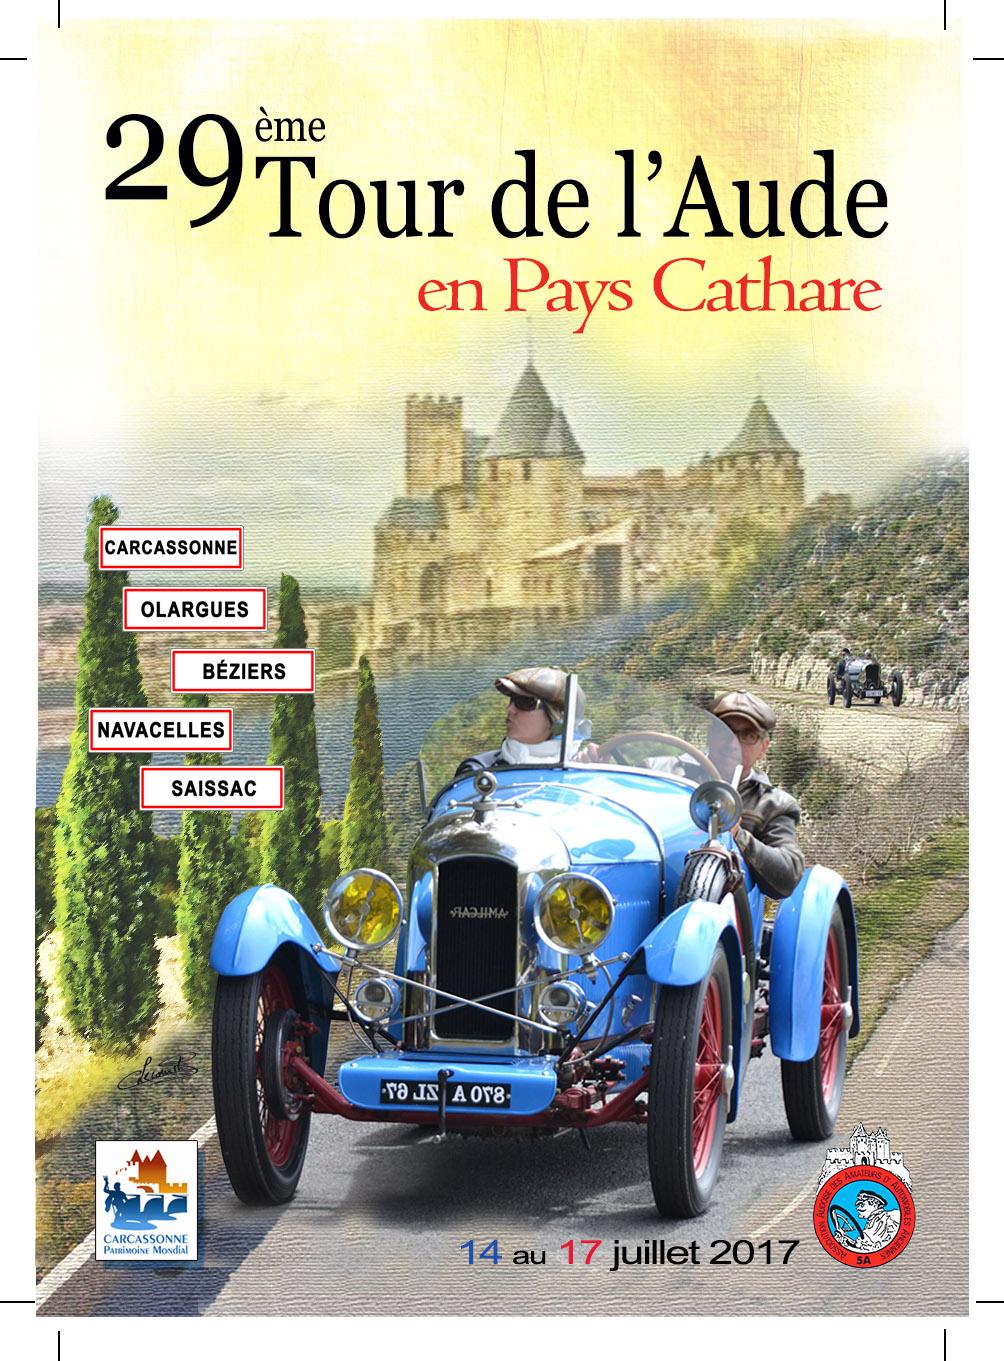 29° TOUR DE L'AUDE ET JOURNÉE CLUB